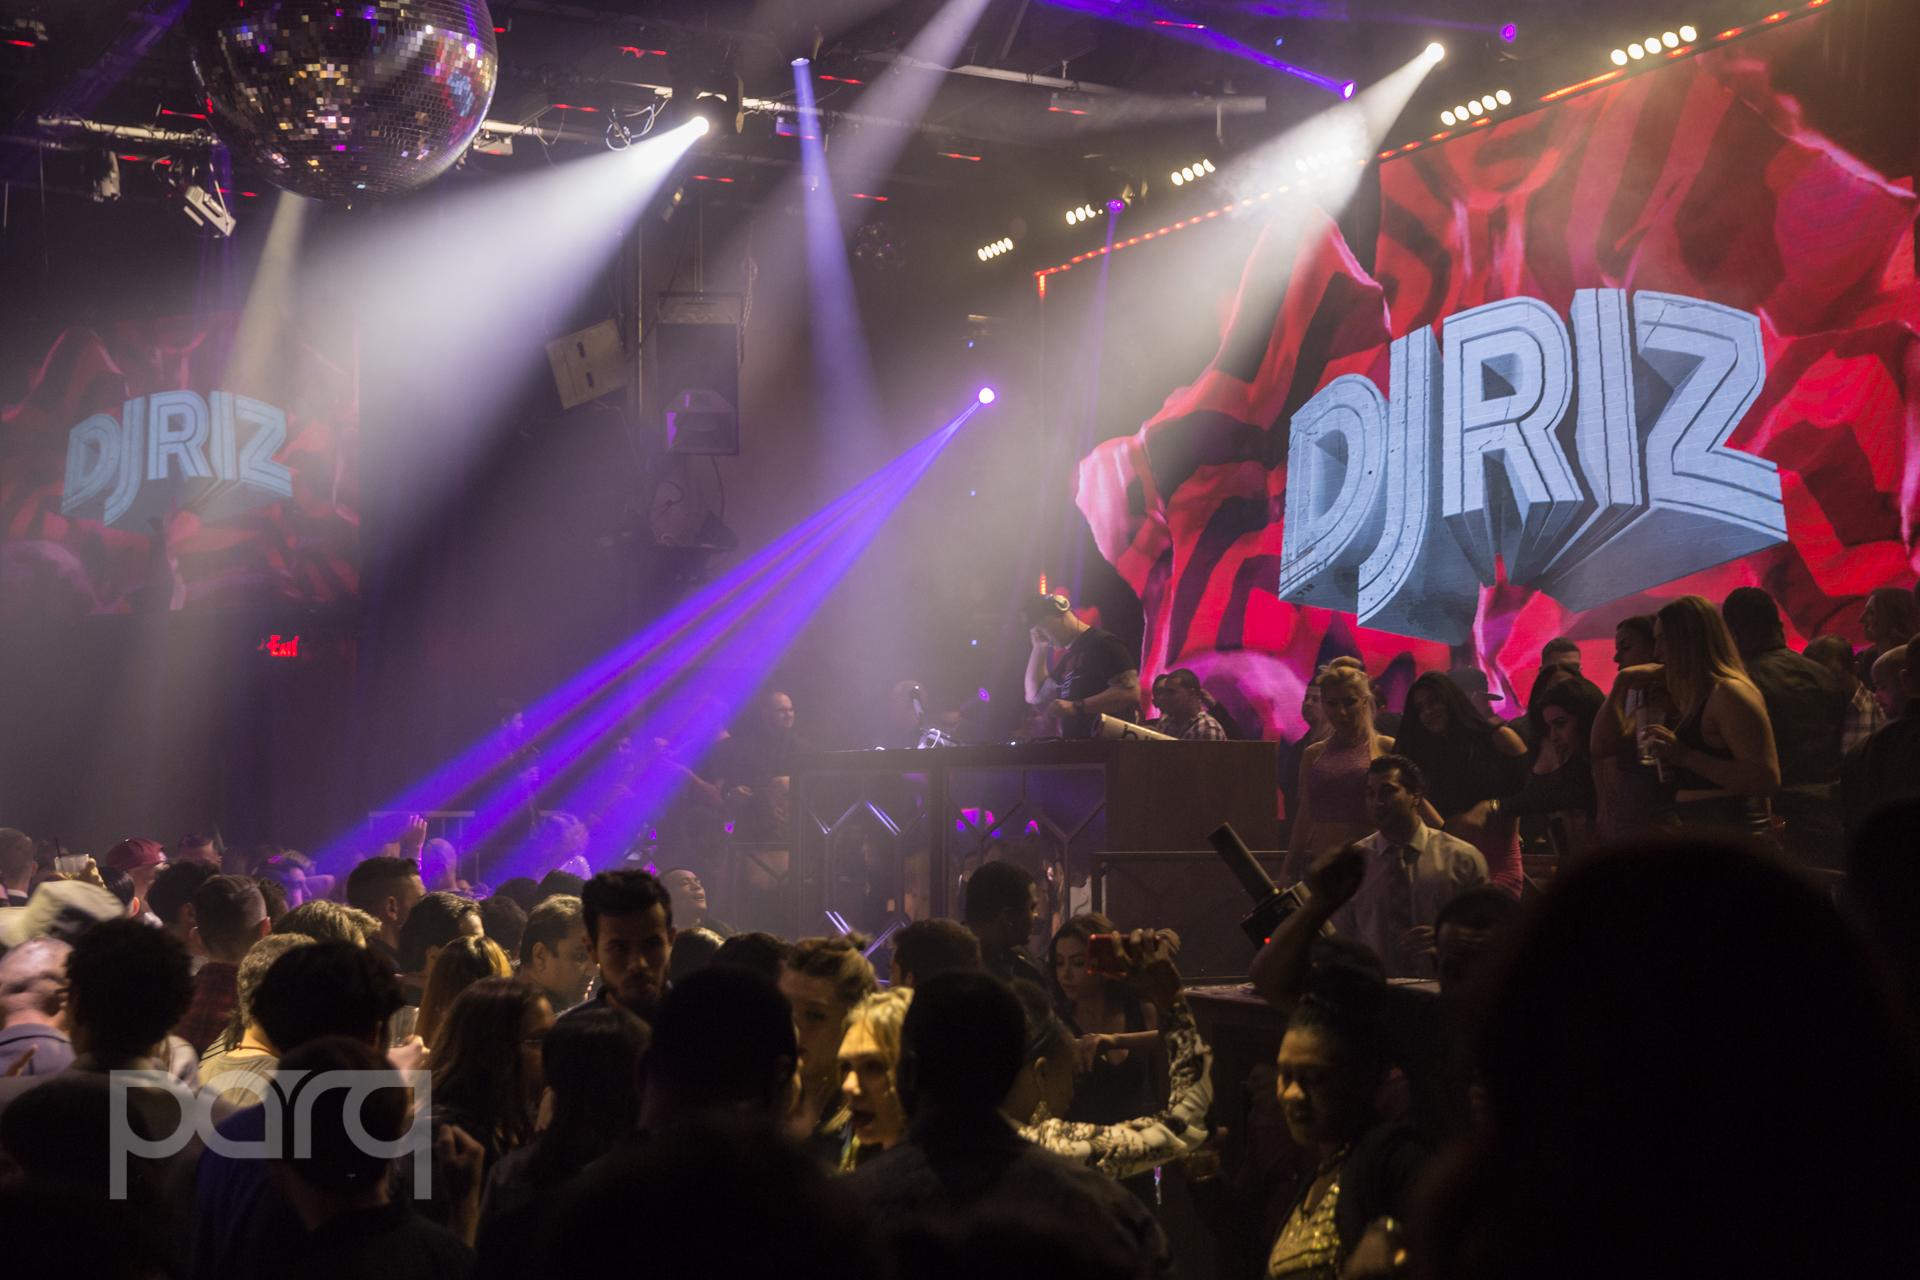 San-Diego-Nightclub-DJ Riz-1.jpg